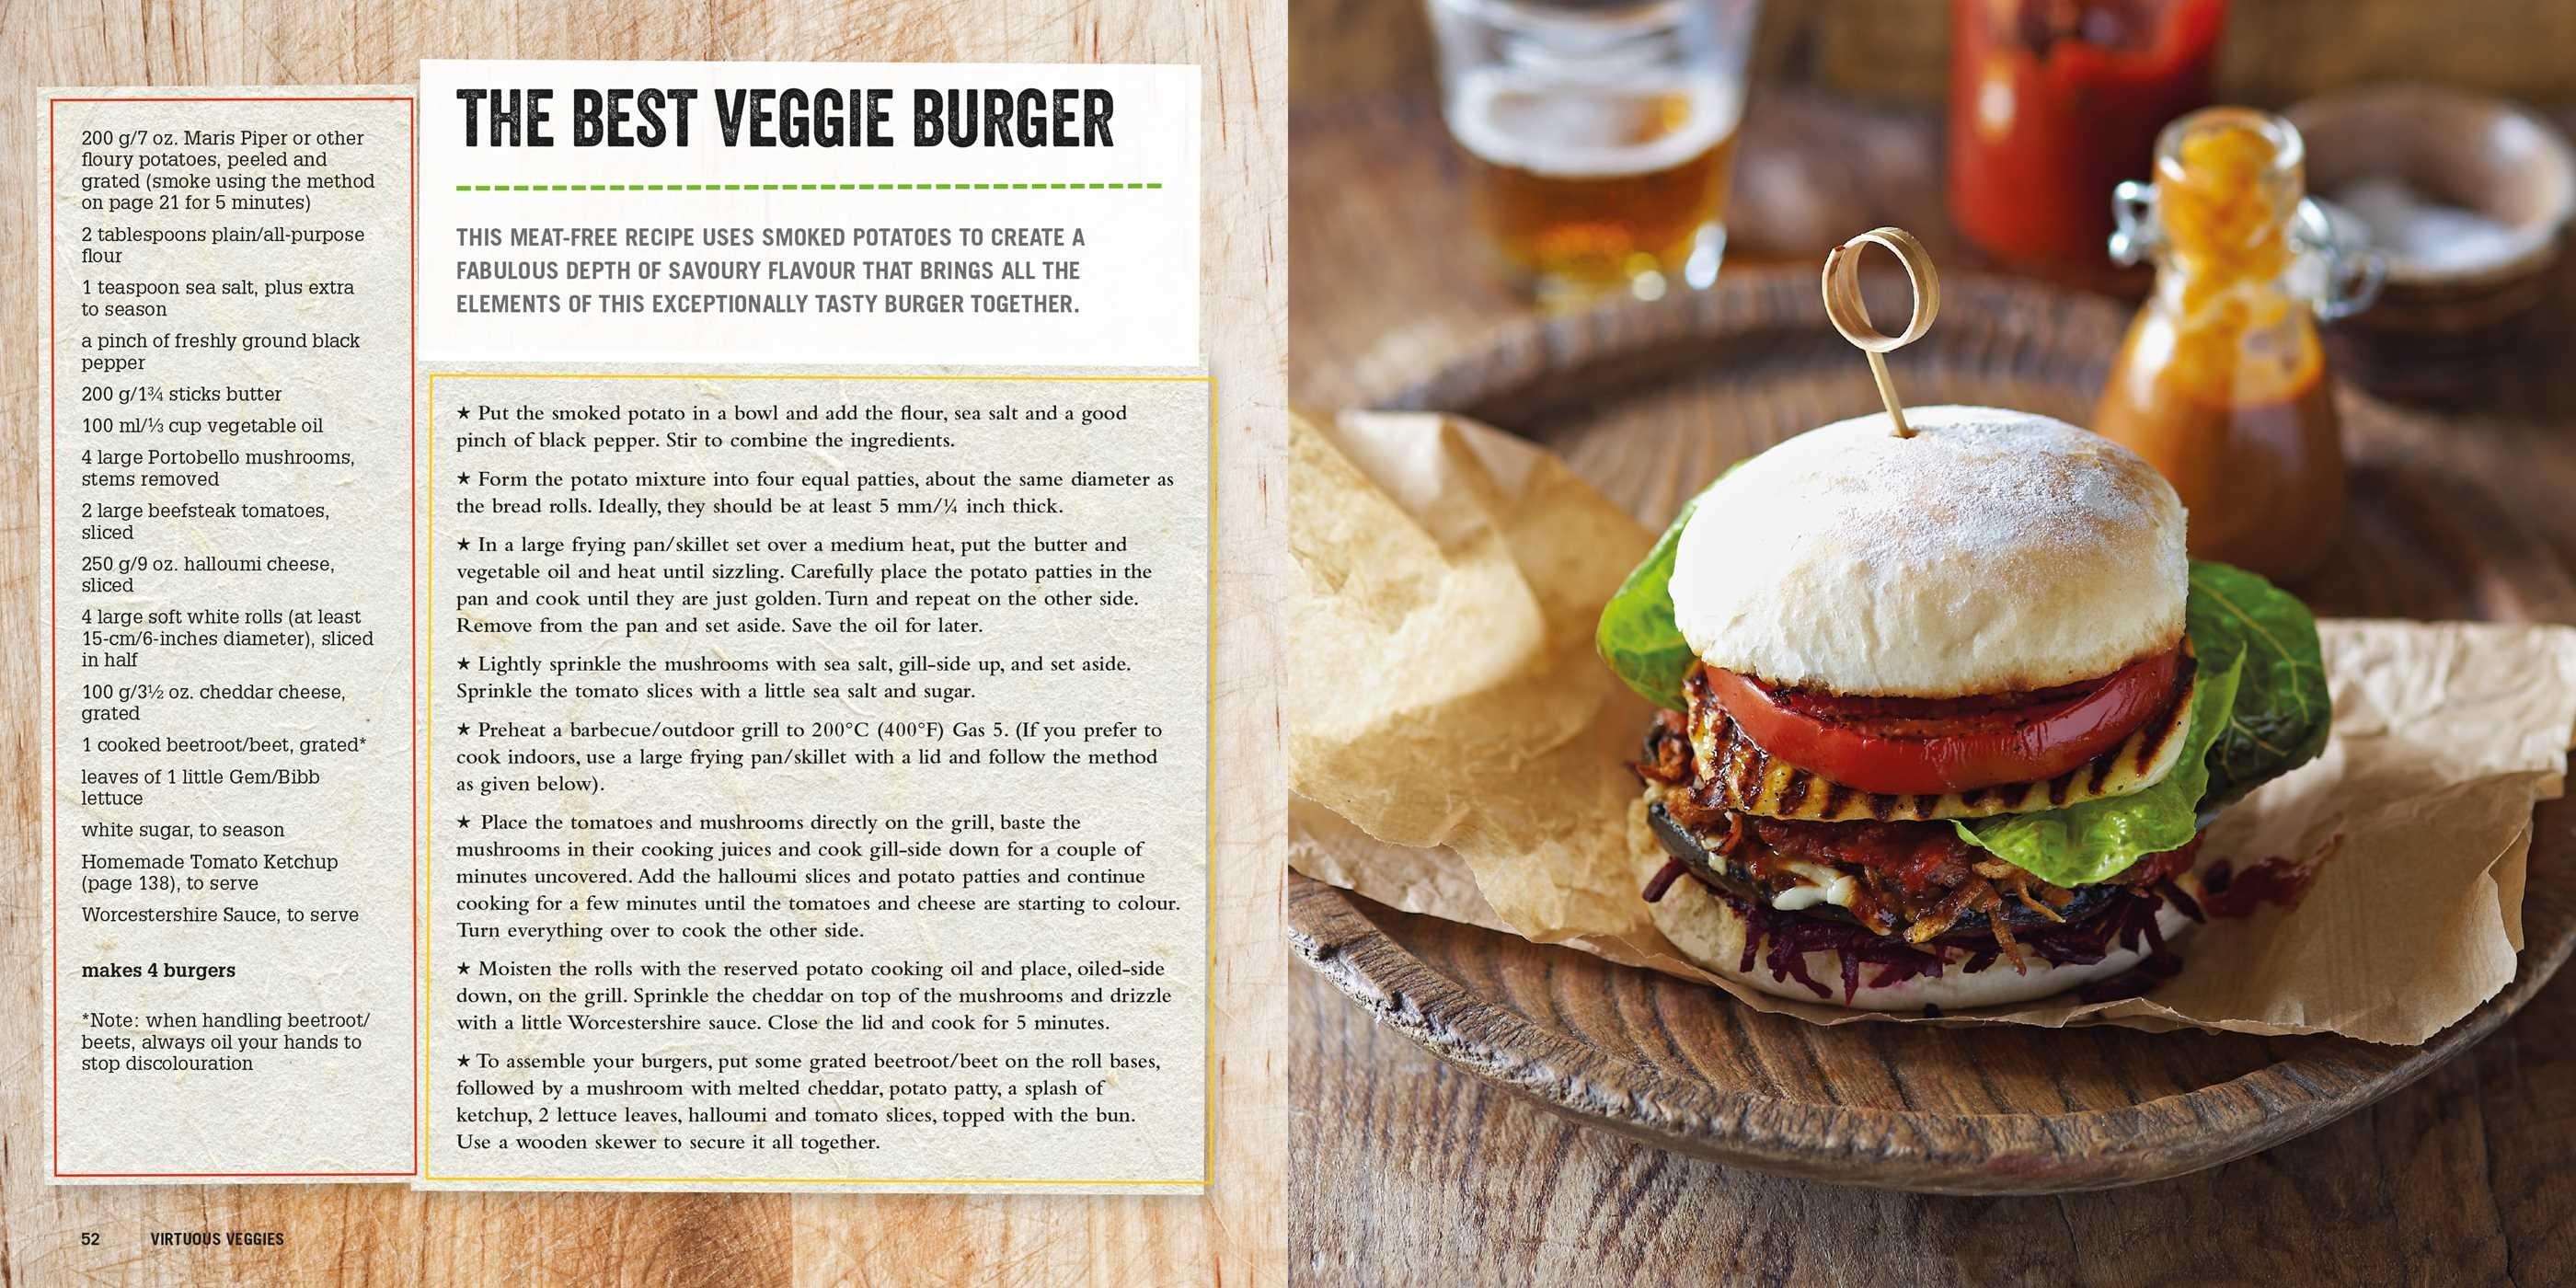 101 burgers sliders 9781849758550.in01